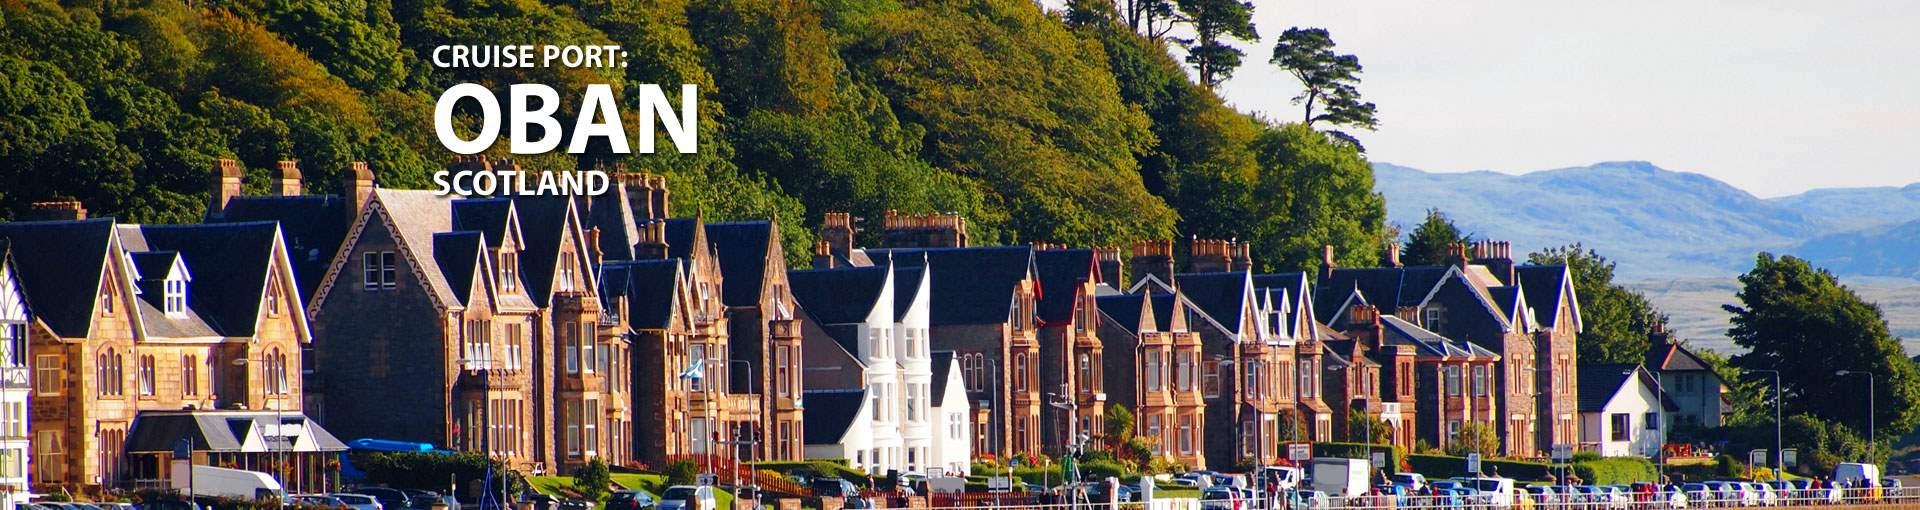 Cruises to Oban, Scotland